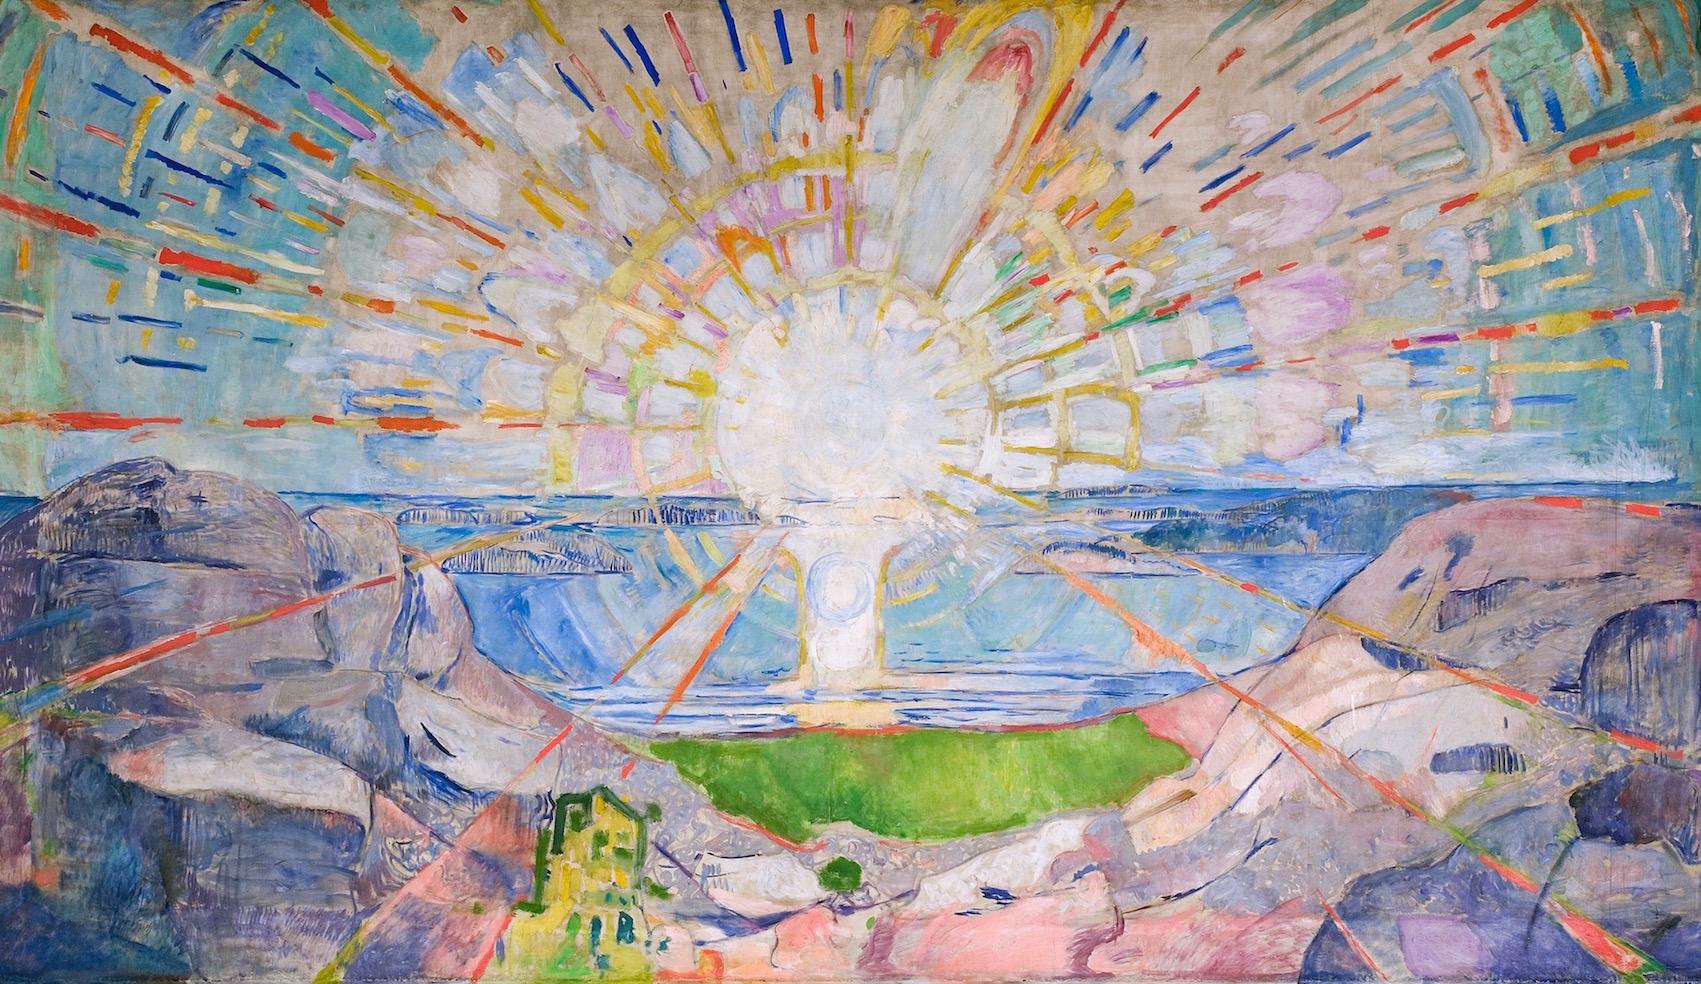 Edvard Munch: The Sun, 1911 © Munch m/Munch Museum/Munch-Ellingsen Gruppen